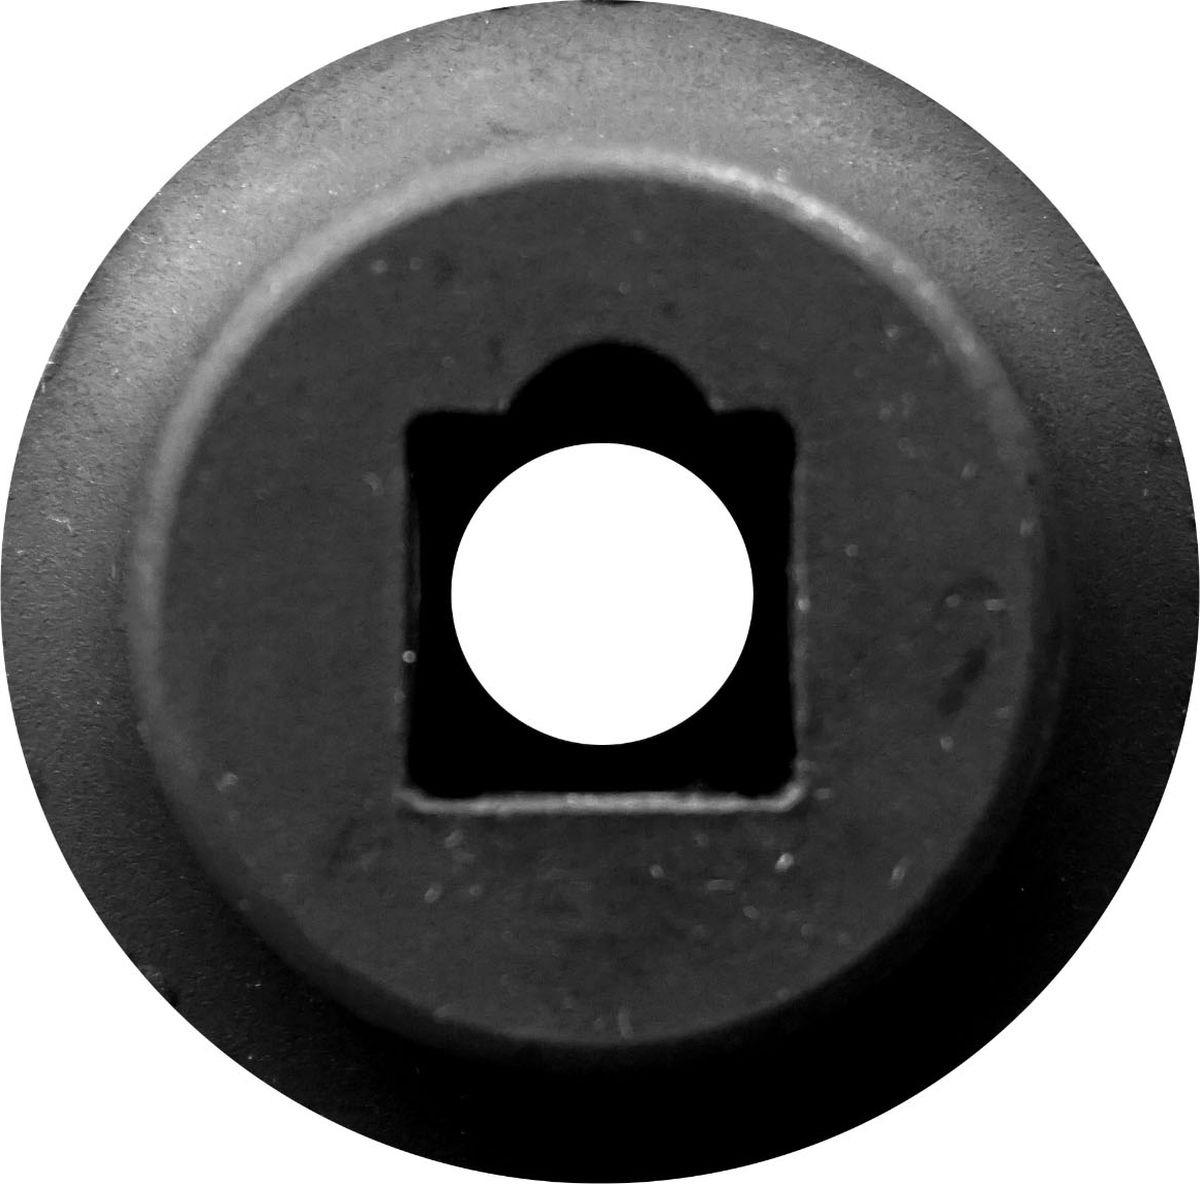 Торцевая головка ударная Berger удлиненная, 1/2, 36 мм, BG2148 торцевая головка ударная berger удлиненная 1 2 30 мм bg2146